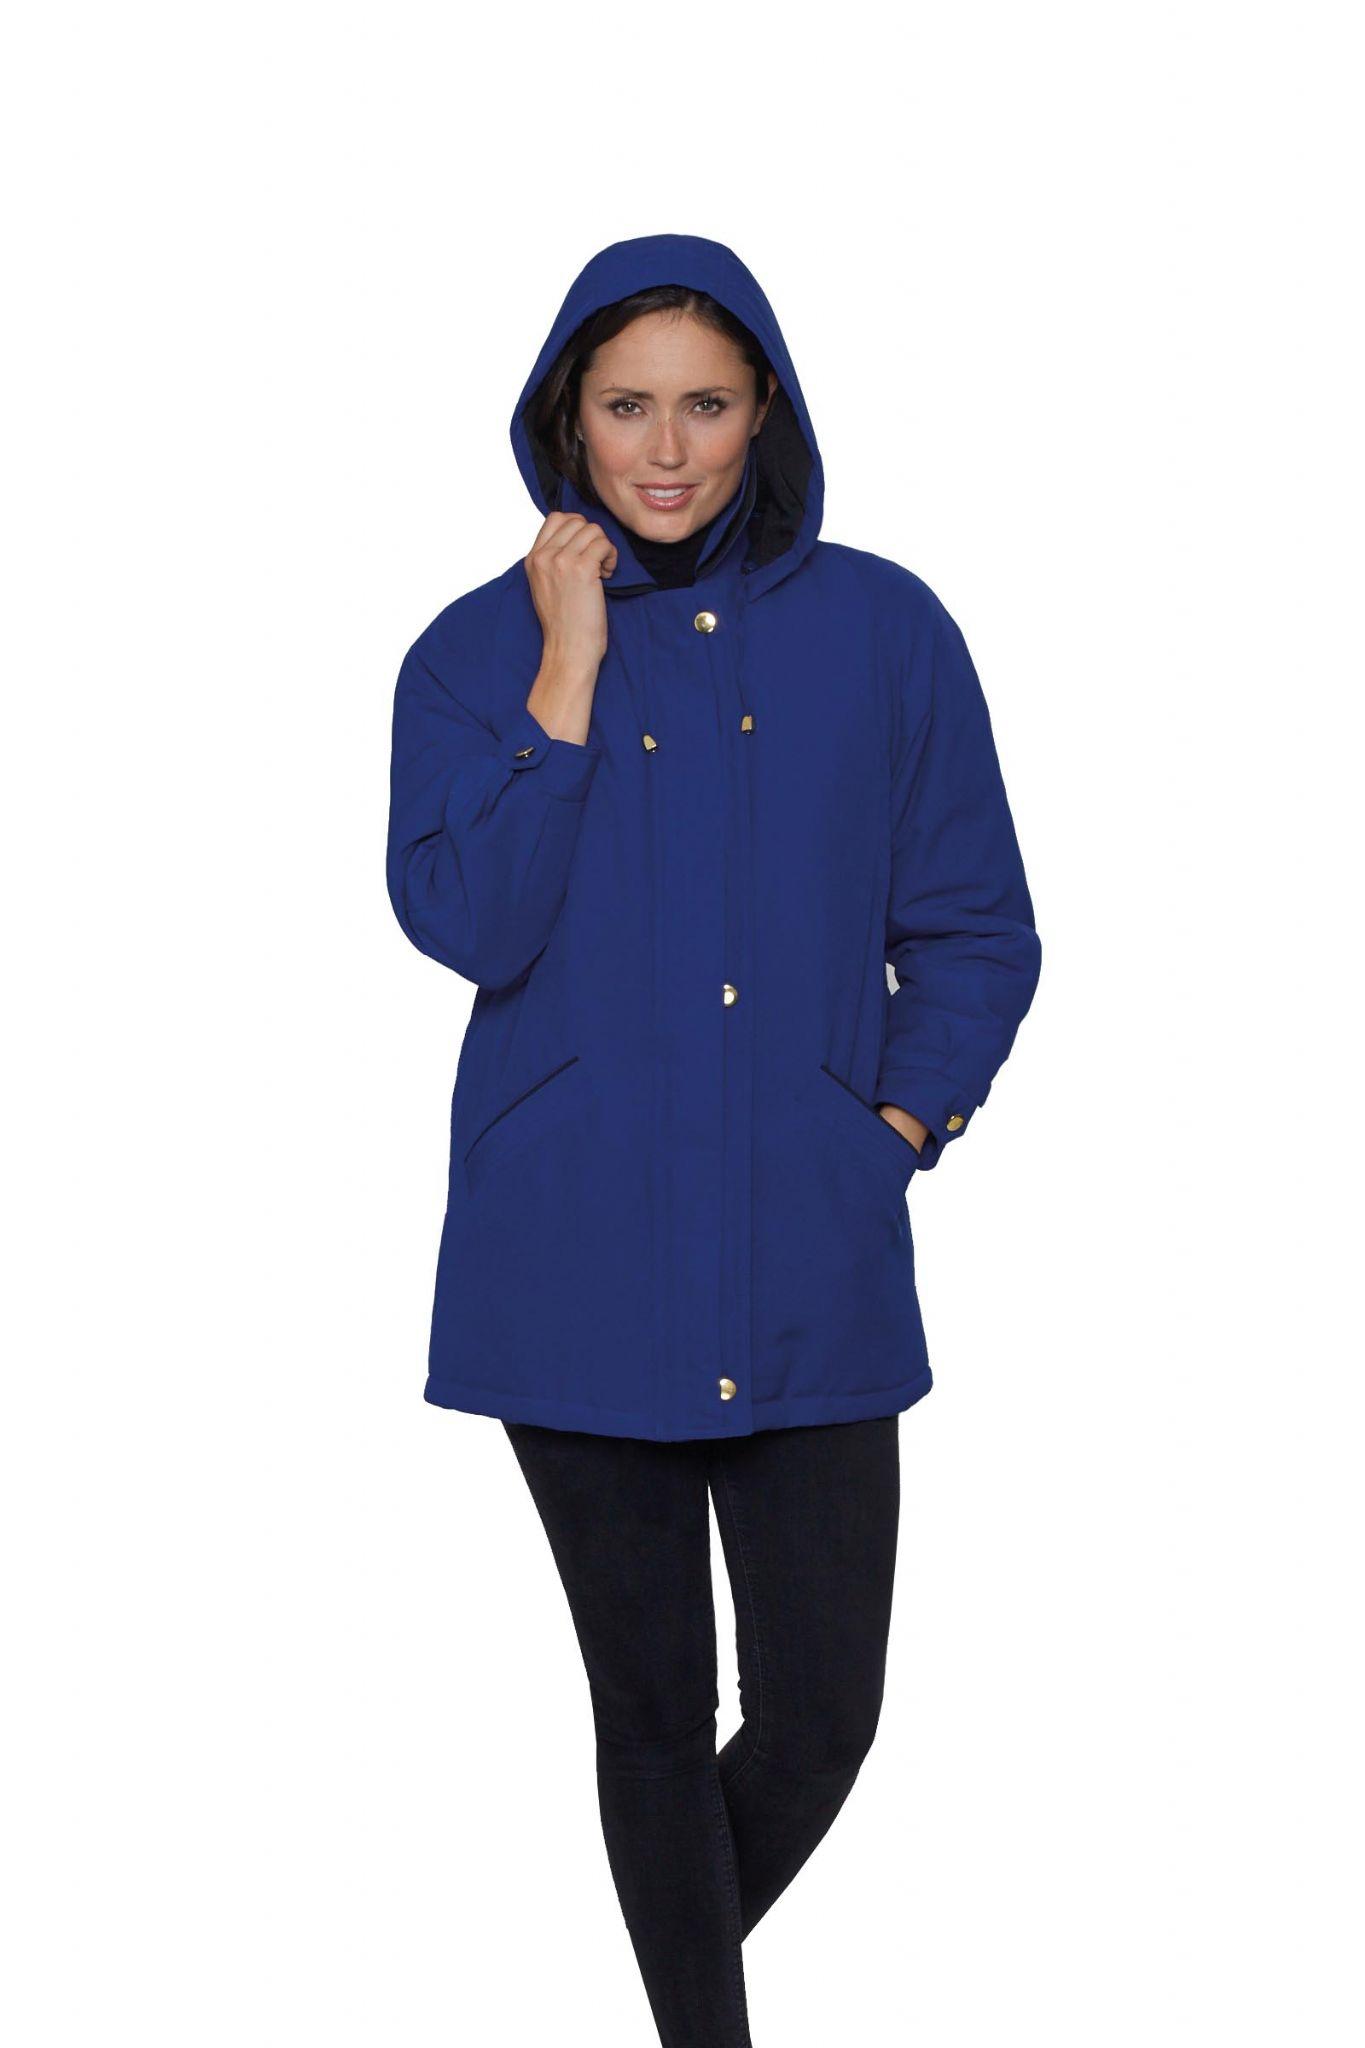 Hooded rain jacket women